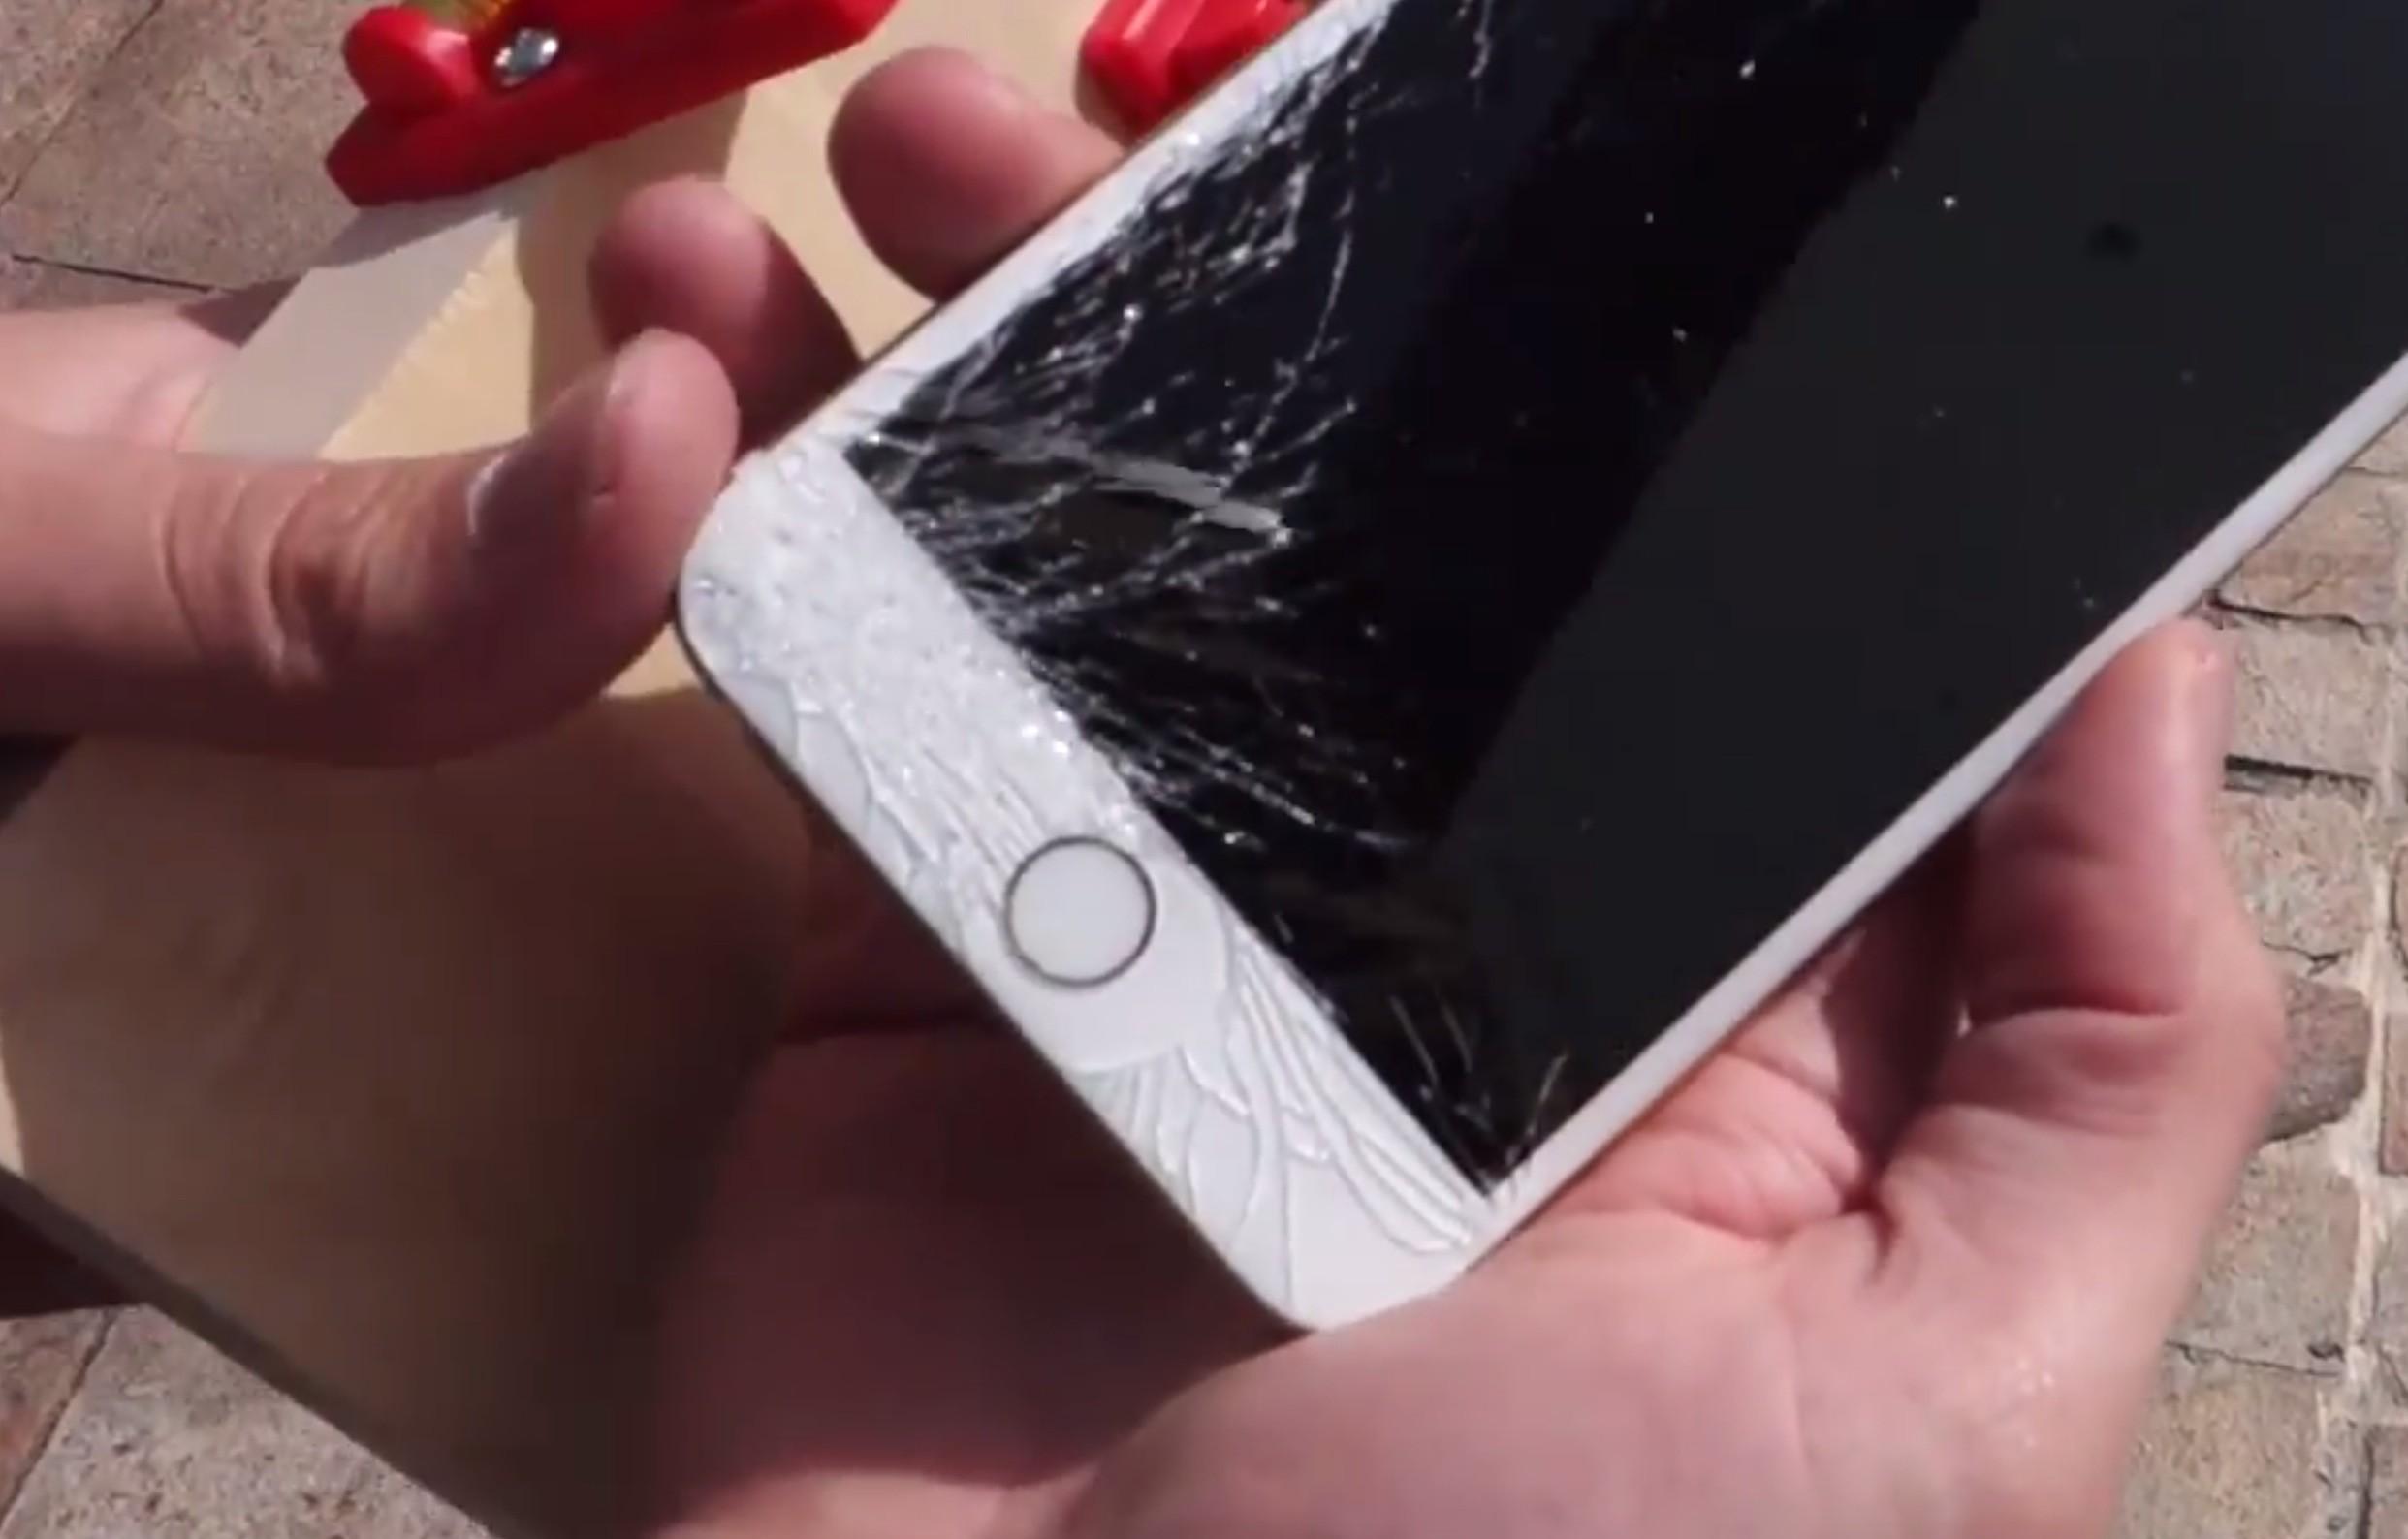 Màn hình iPhone 6 Plus bị nứt vỡ